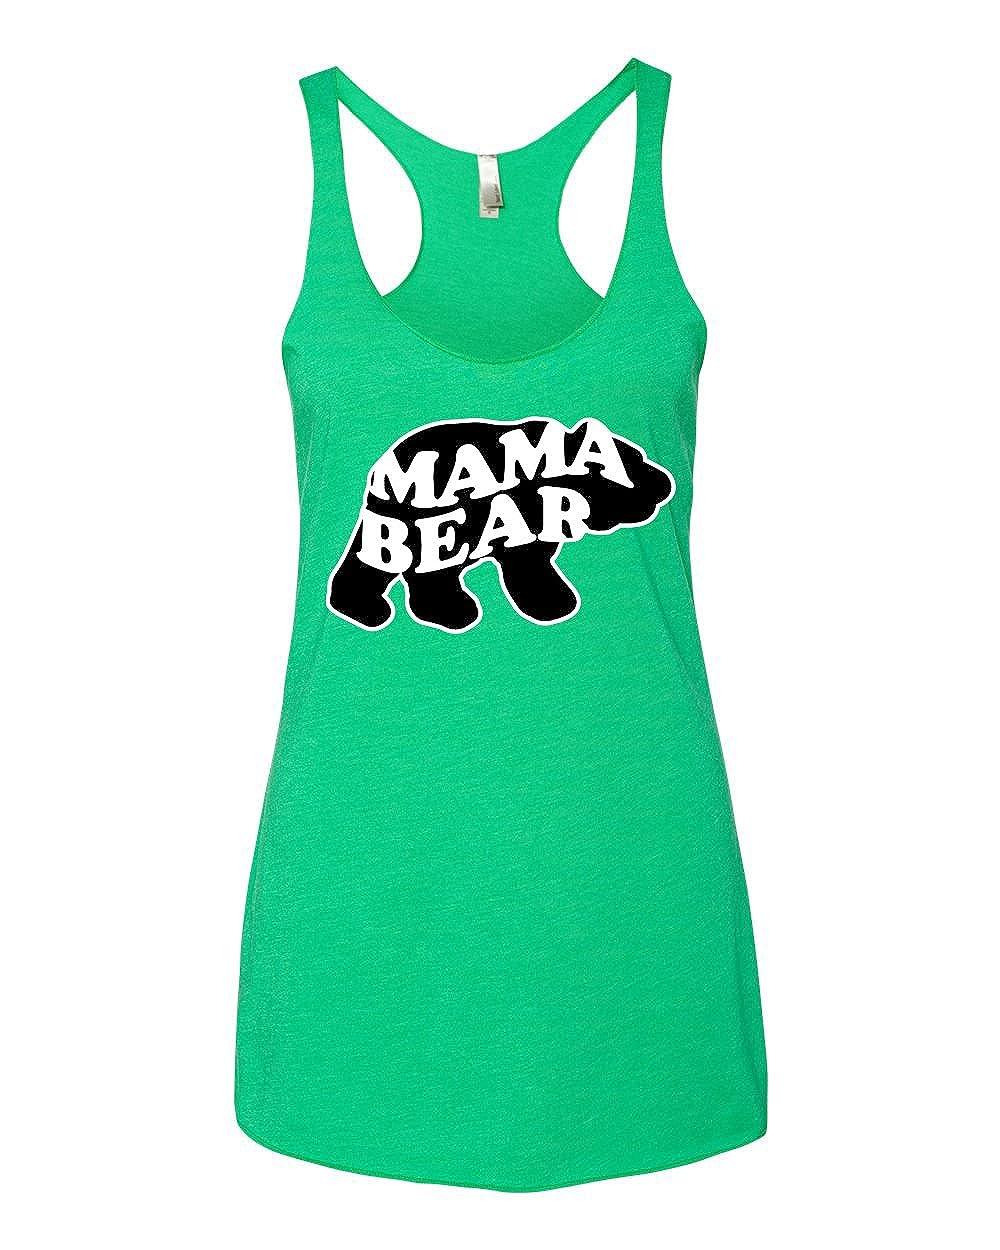 Medium Mama Bear Womens Humor Premium Tri-Blend Racerback Tank Top Envy Animal Design